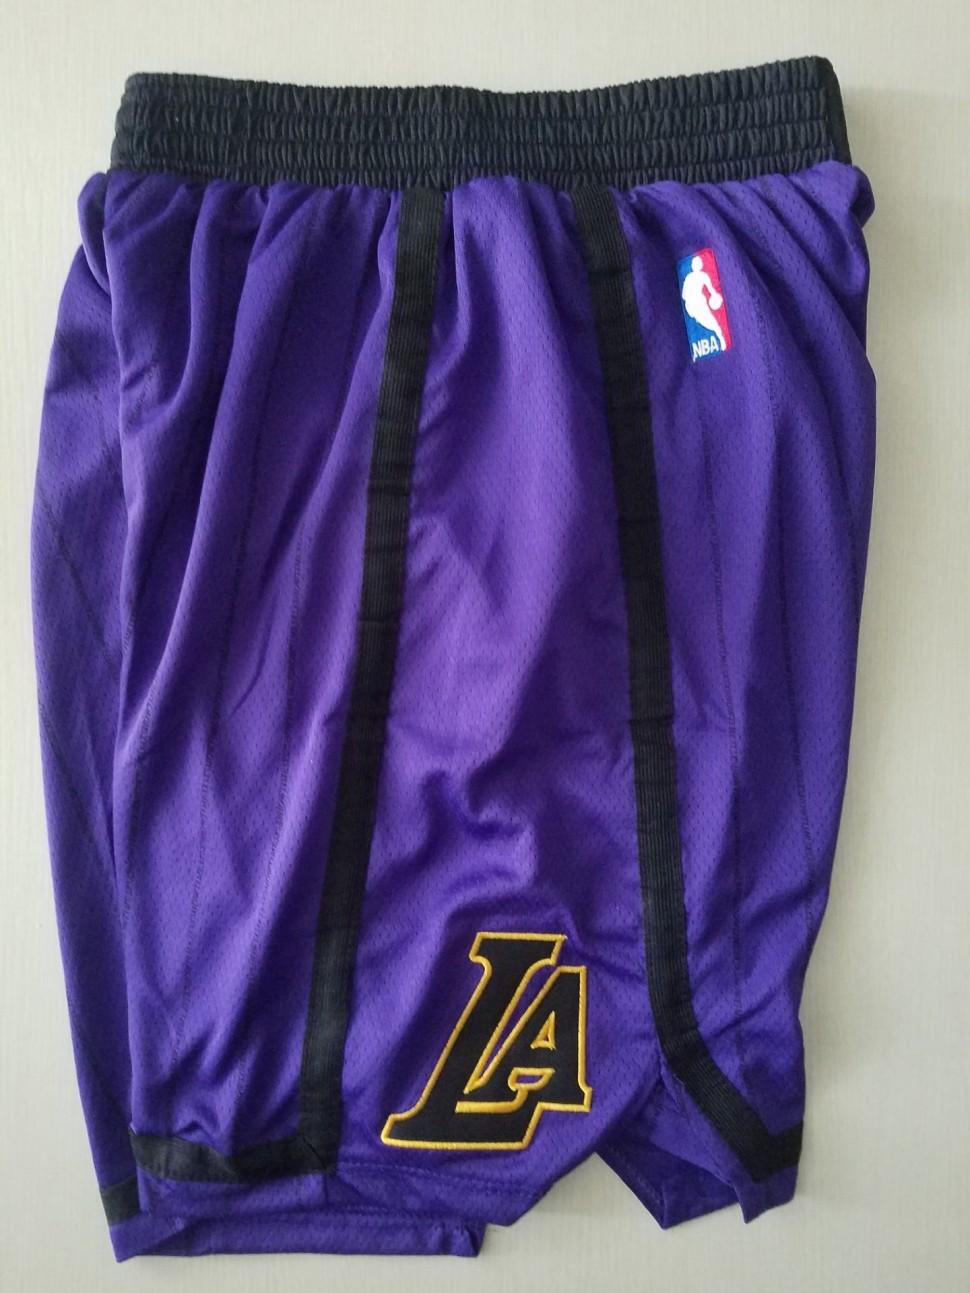 4524caac ... Баскетбольные шорты NBA Лос-Анджелес Лейкерс LA LAKERS фиолетовые в  полоску 2018 SWINGMAN фото 2 ...